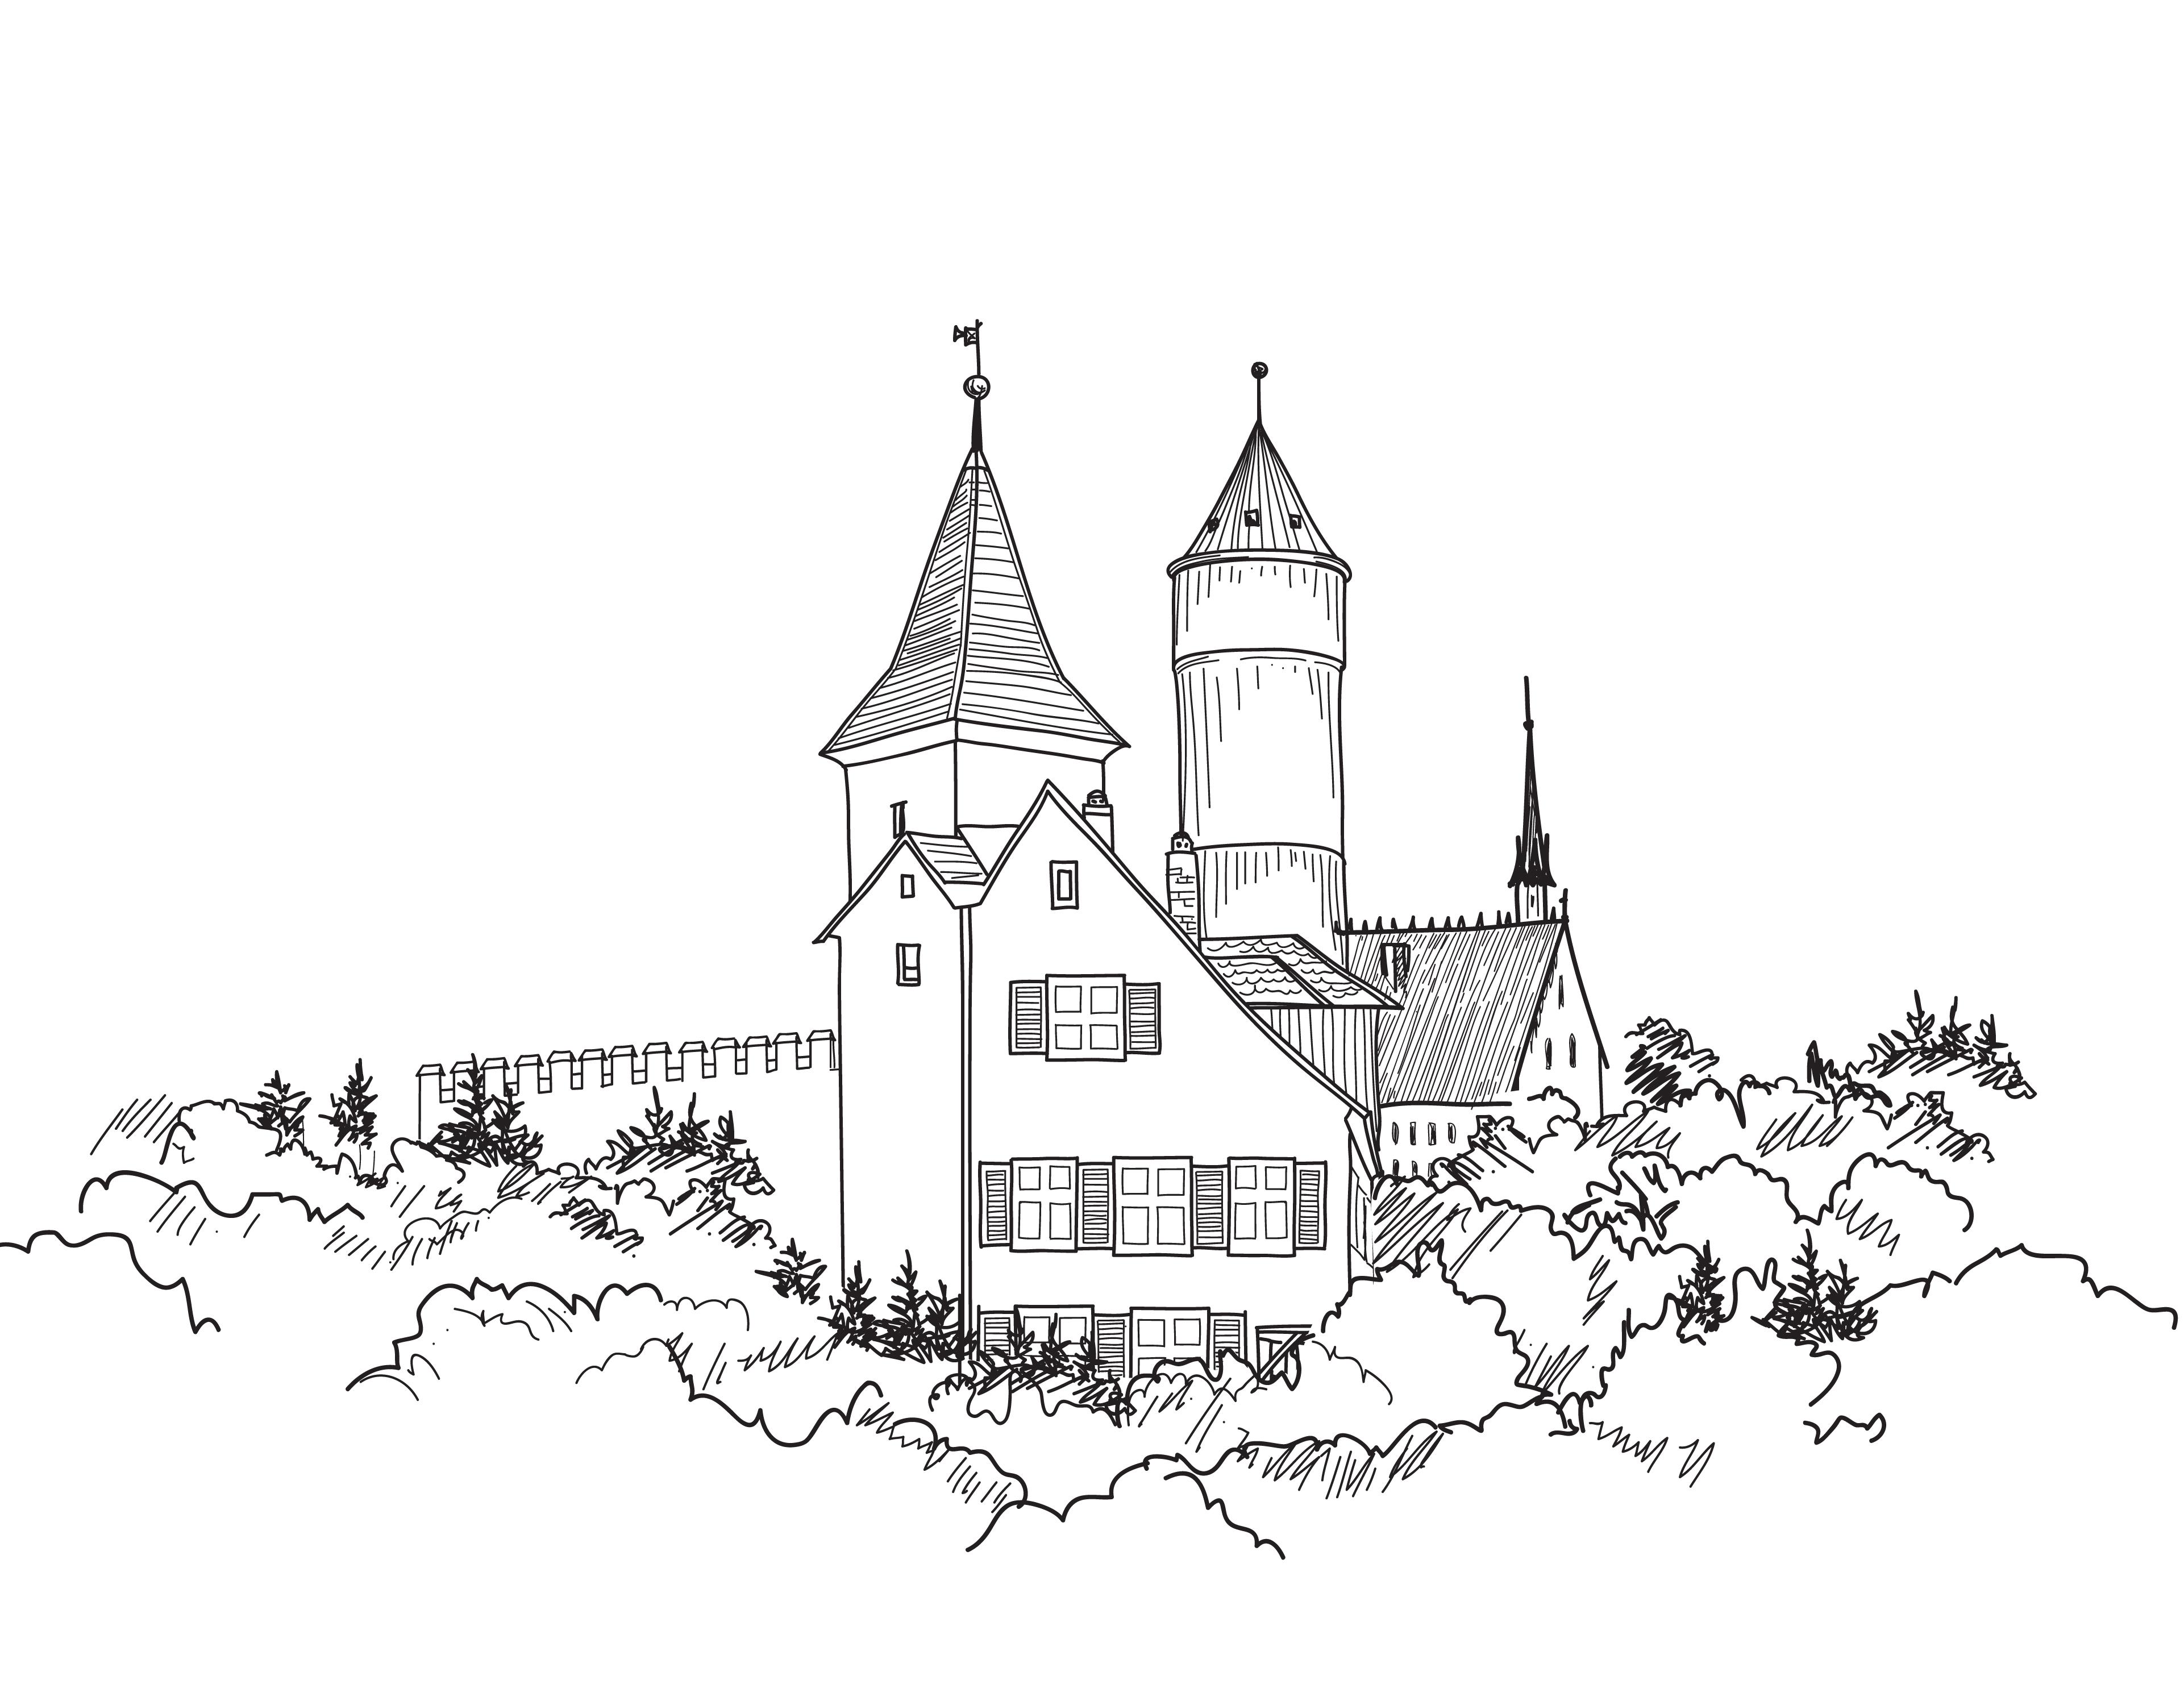 Medieval castle landscape. Ancient castle tower building